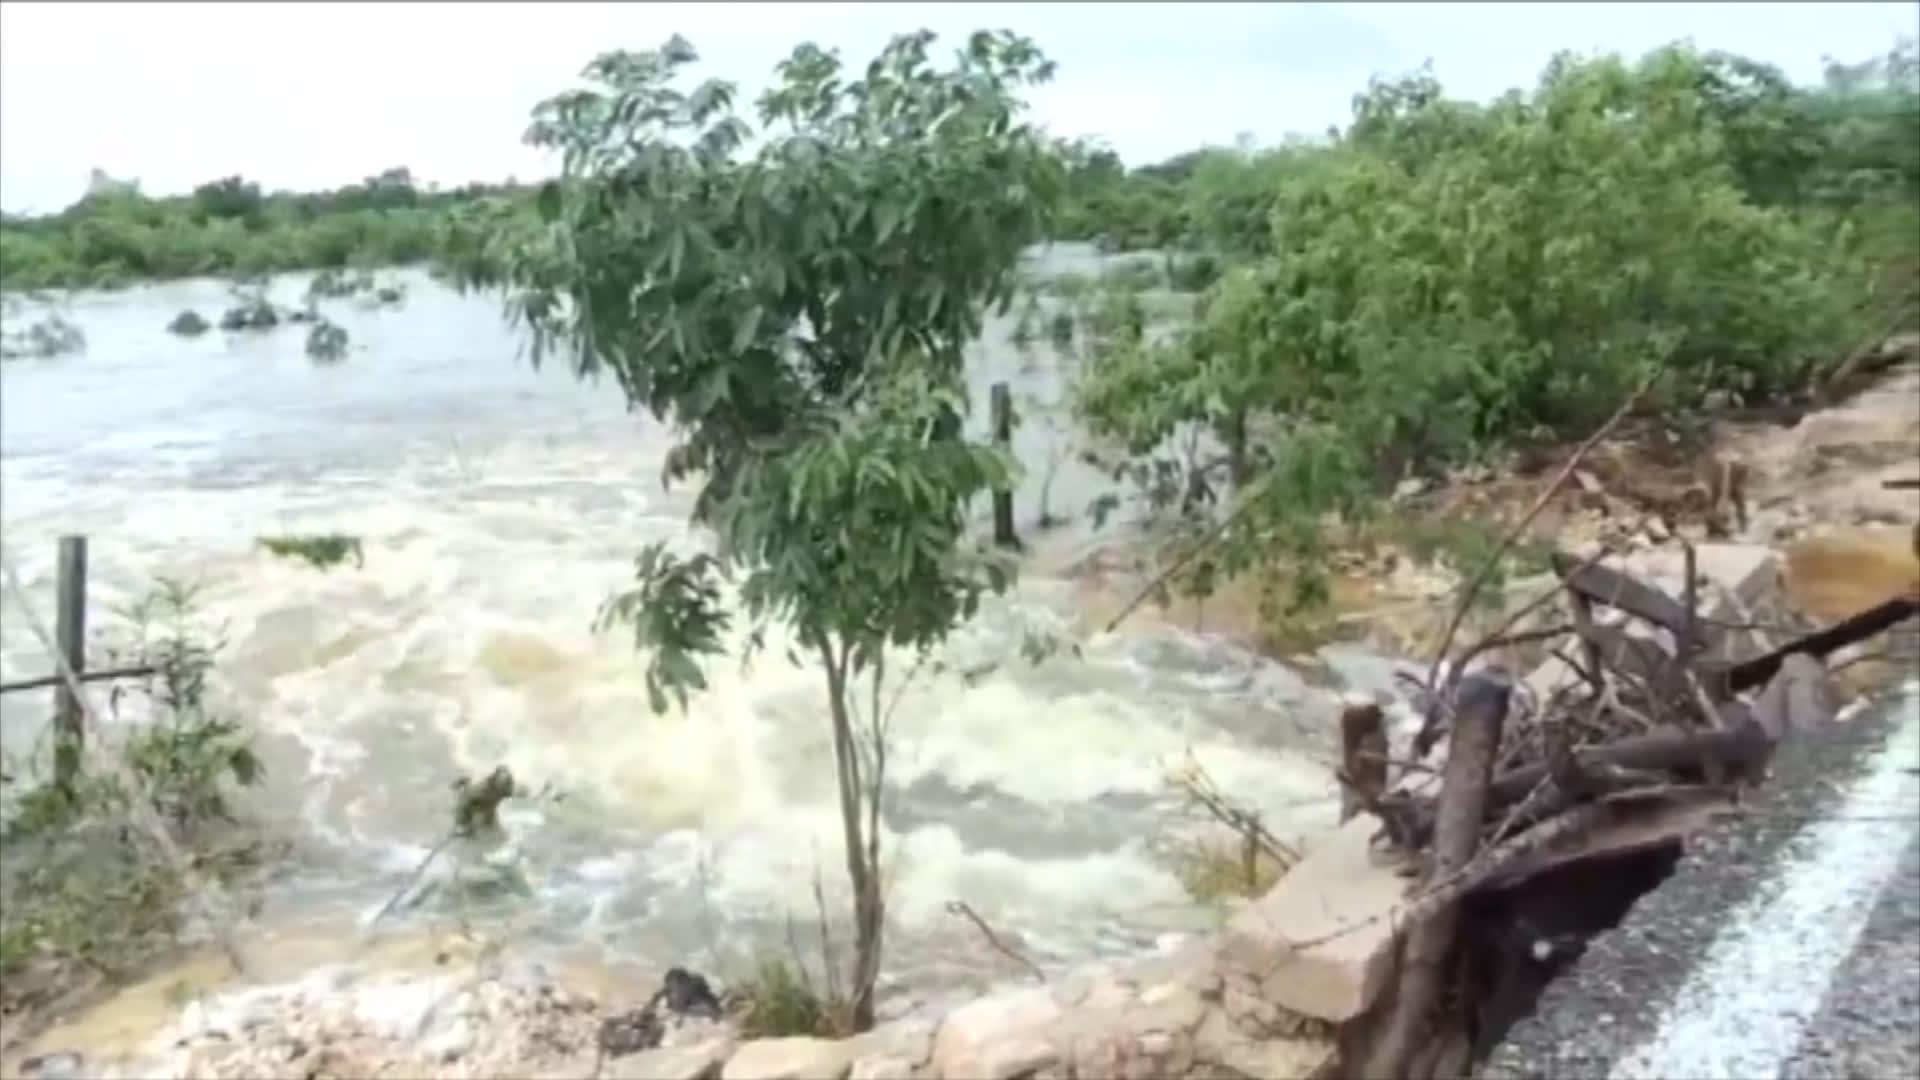 شاهد الدمار الذي خلفه إعصار دلتا في المكسيك